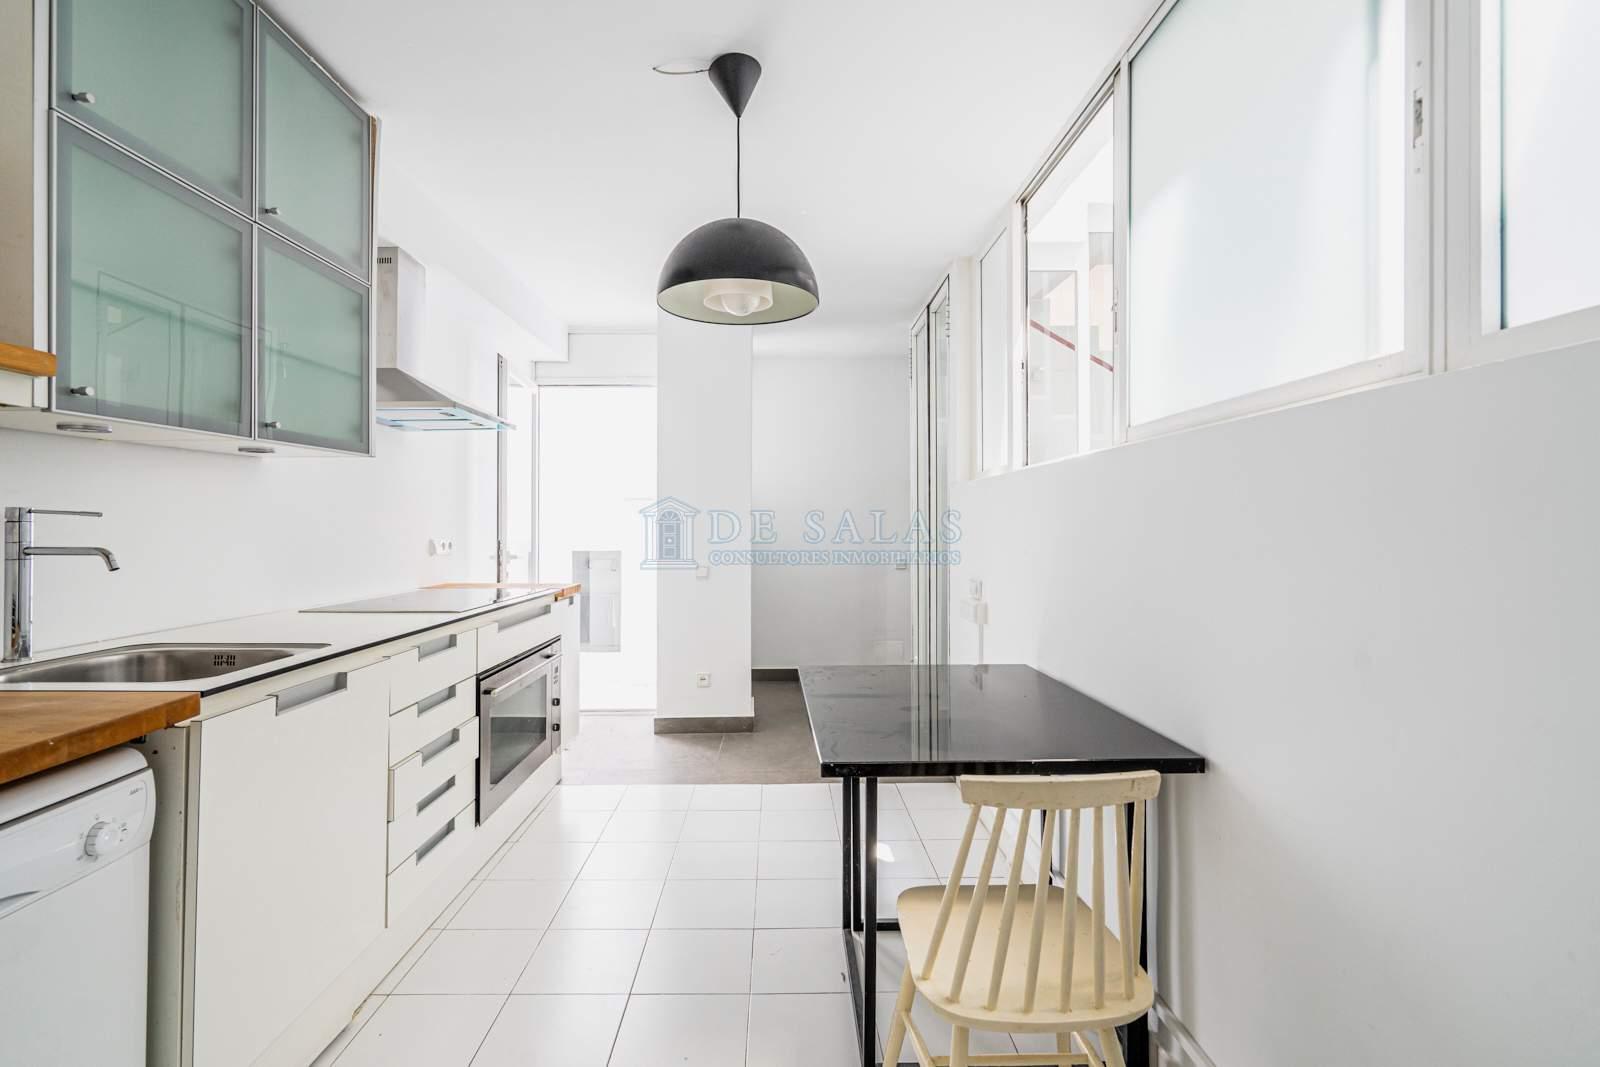 Cocina servicio-34 Maison La Moraleja